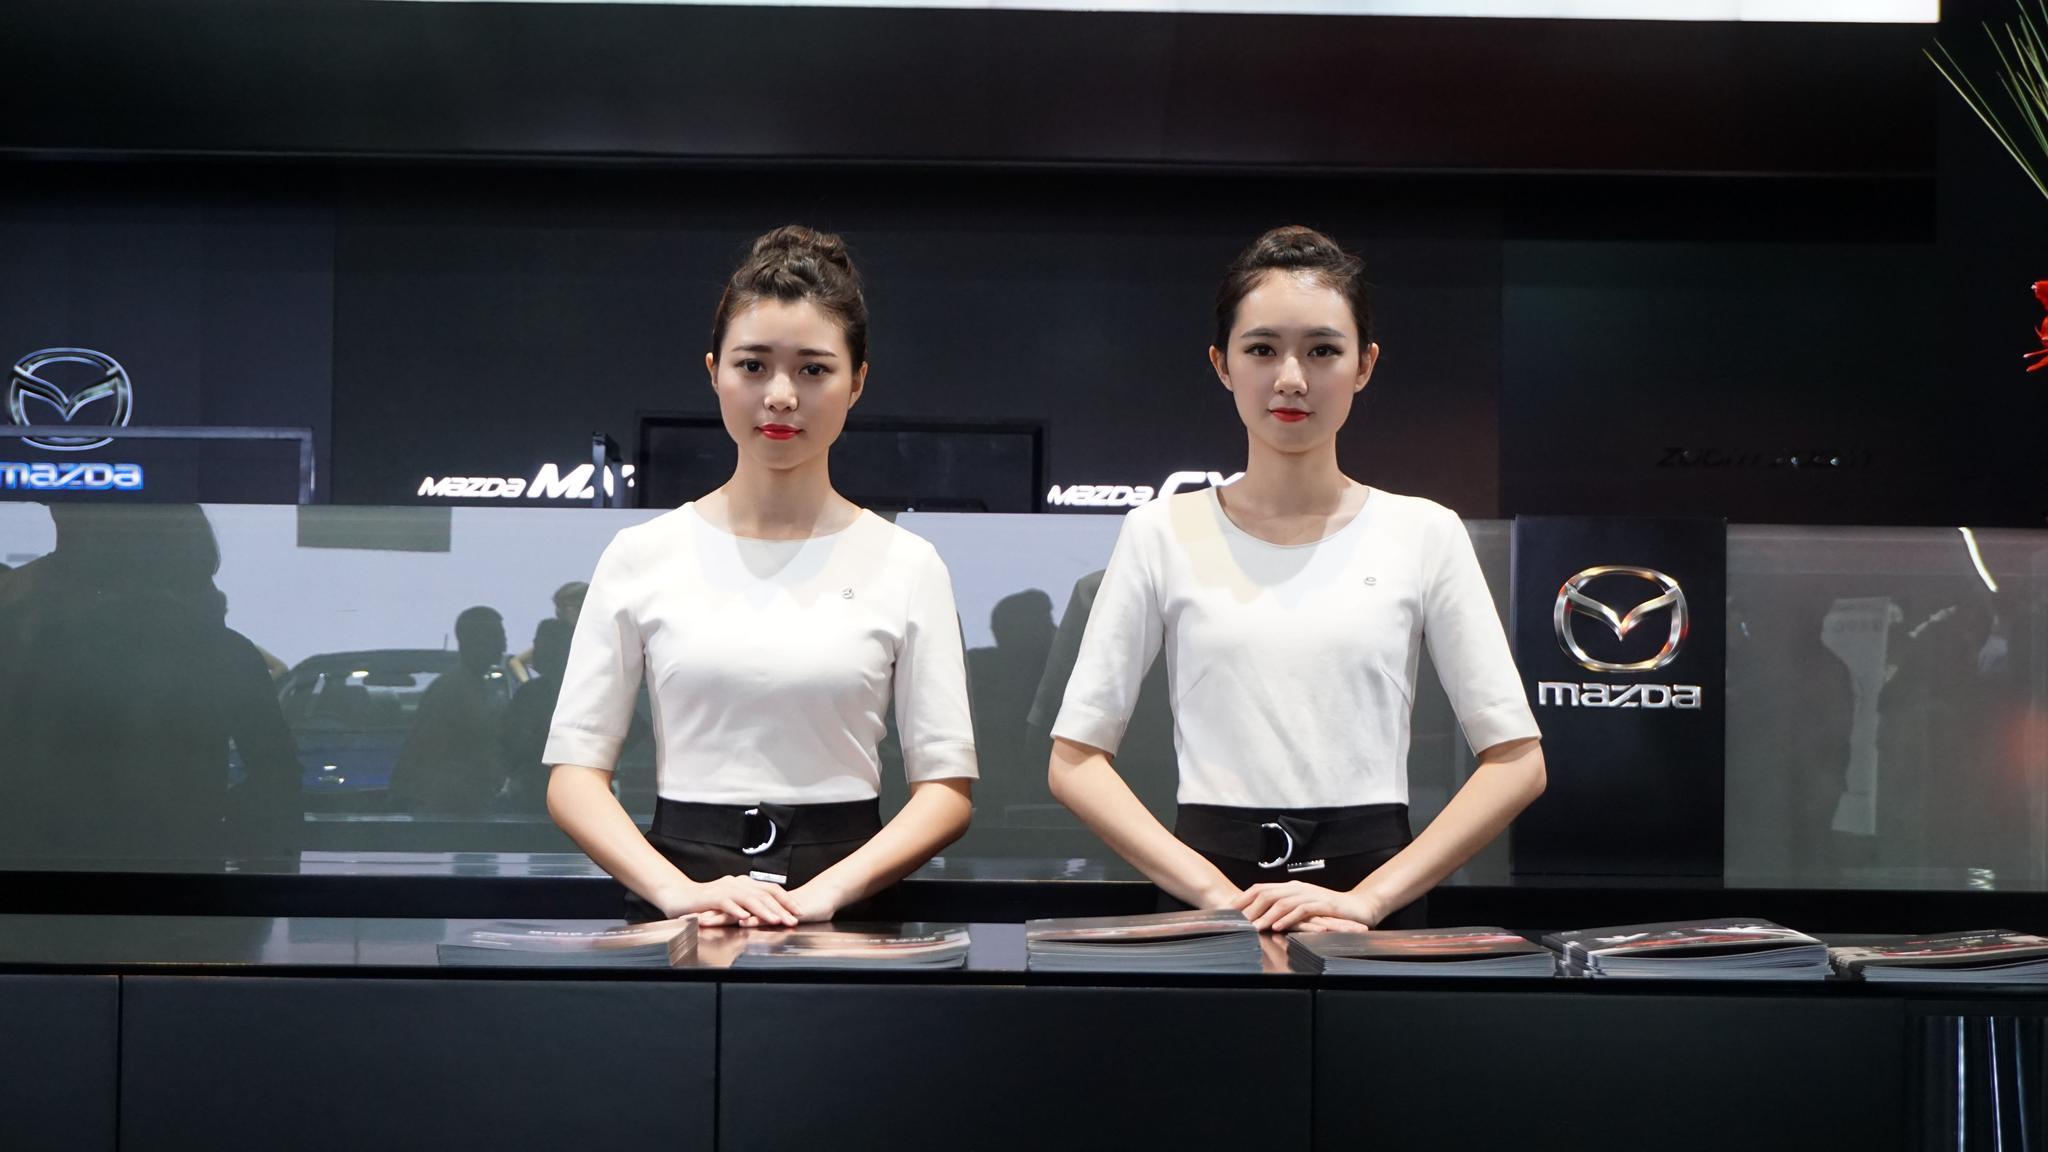 广州车展前台礼仪妹子哪个最好看?